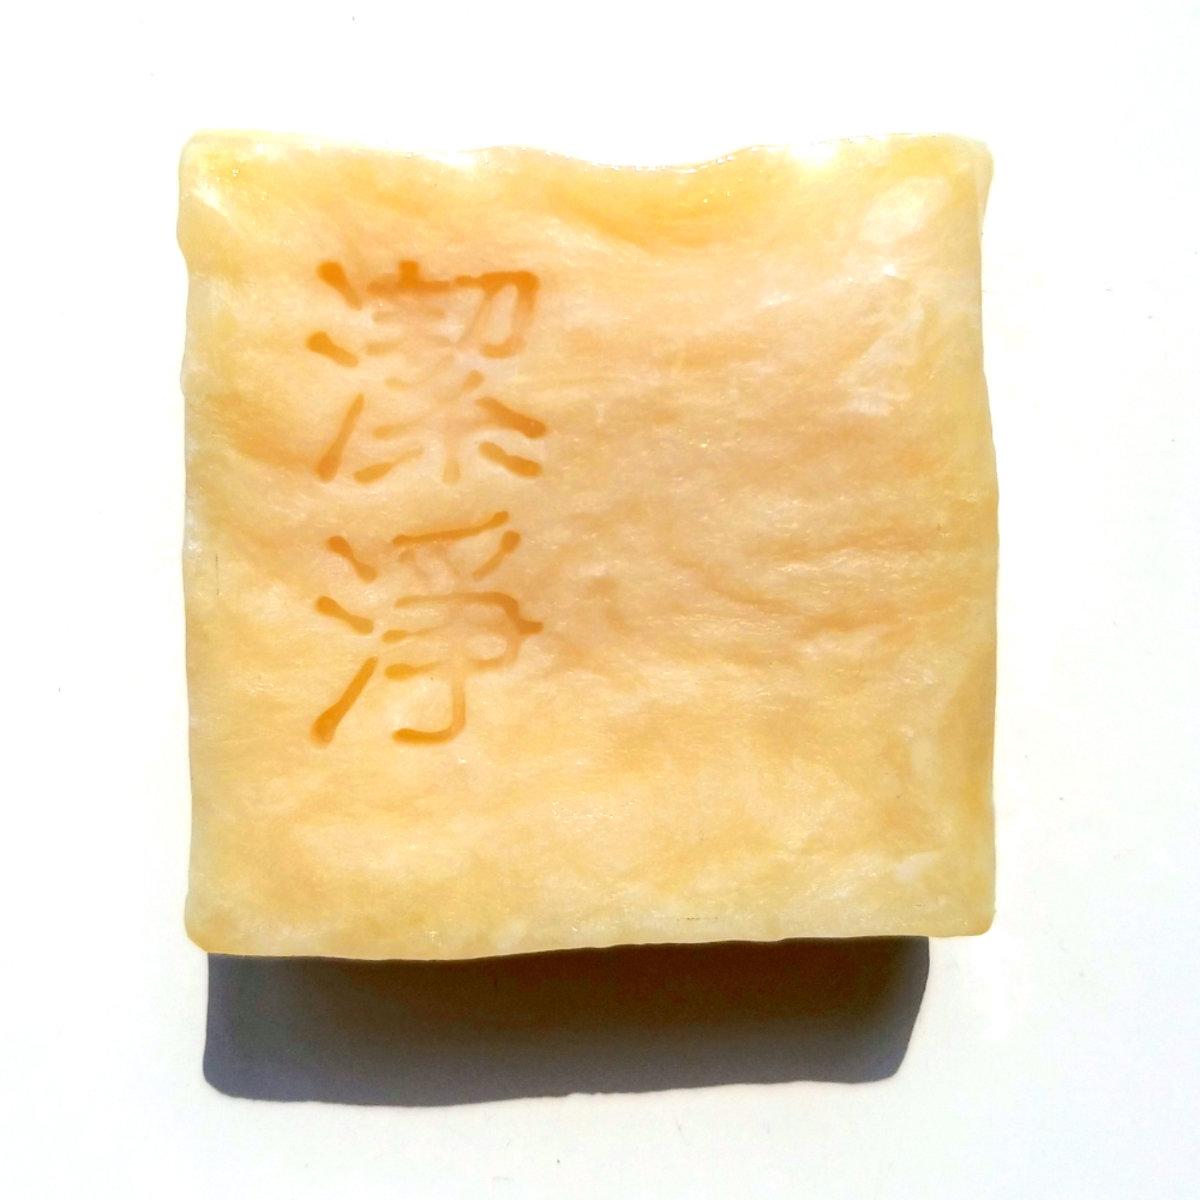 潔淨家事梘 - 天然, 手工皂, 有意義